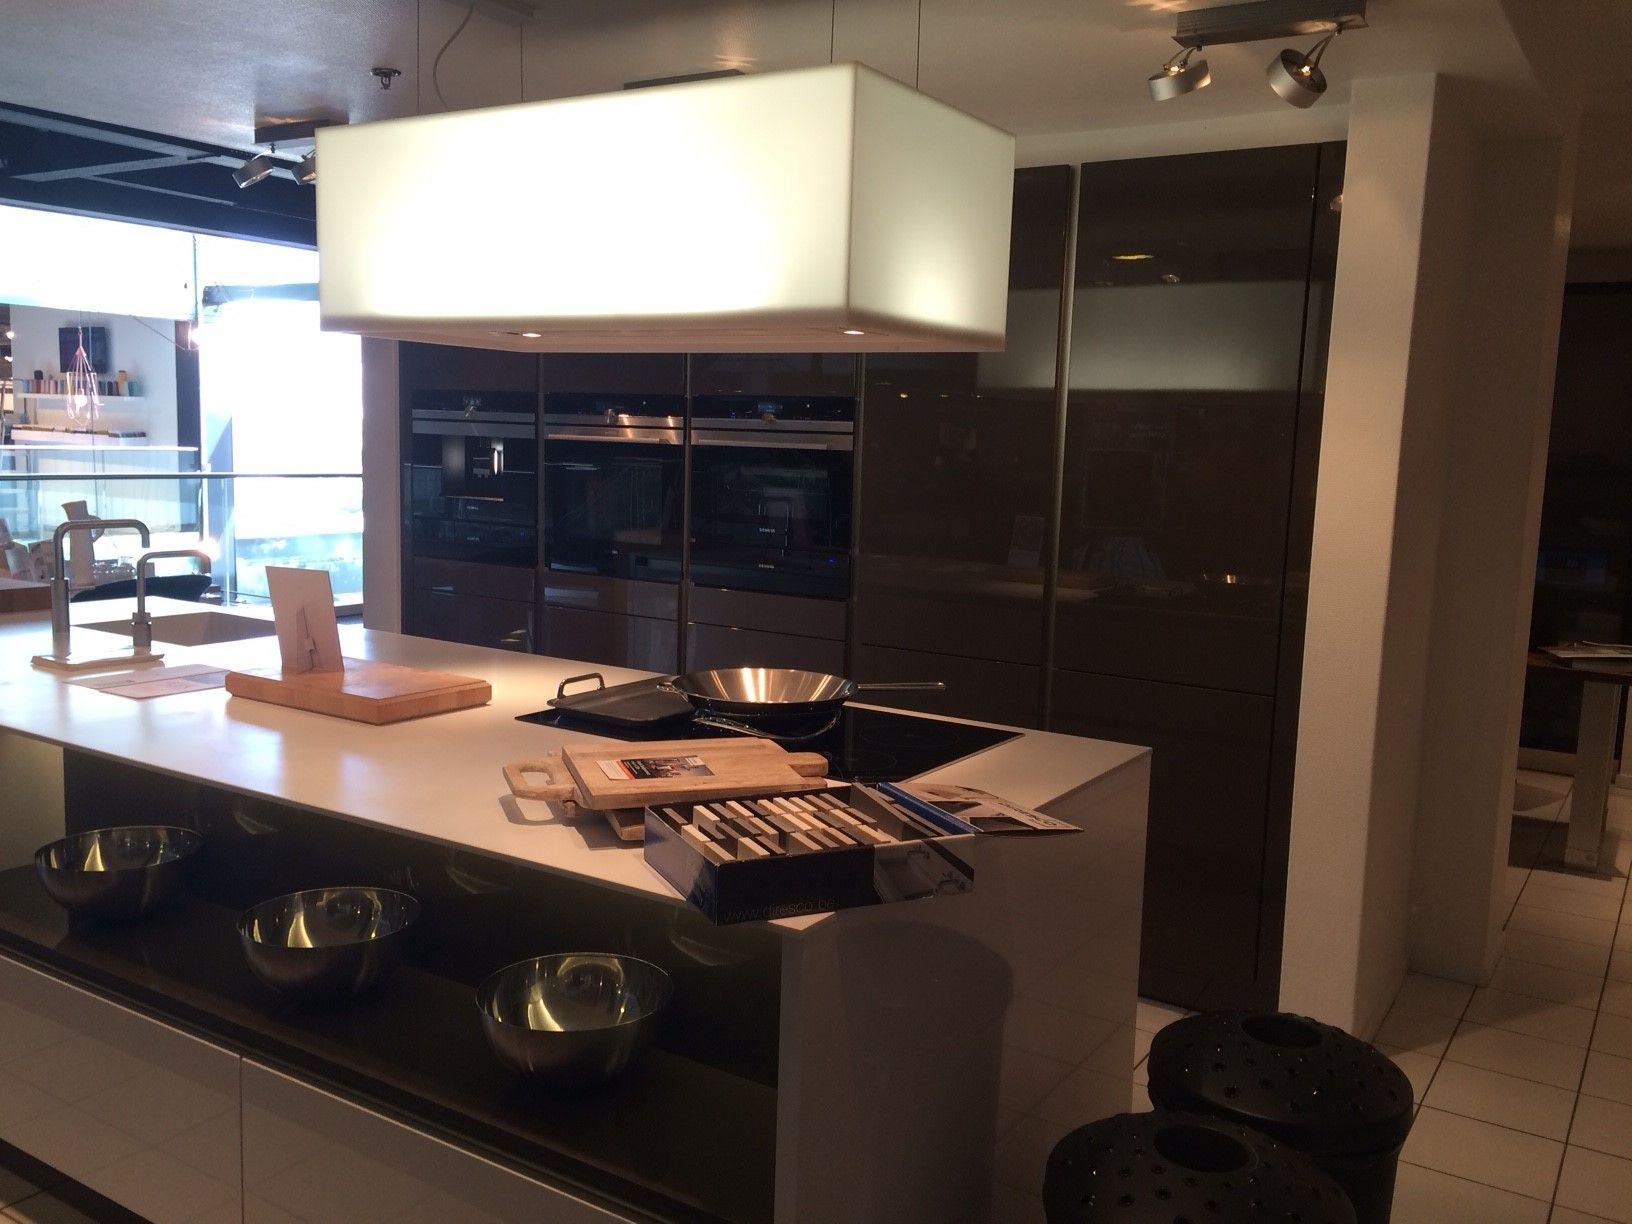 Keukenprijs altijd de beste keukenprijs hifh tech luxe siematic design greeploze keuken s2 - De beste hedendaagse keukens ...